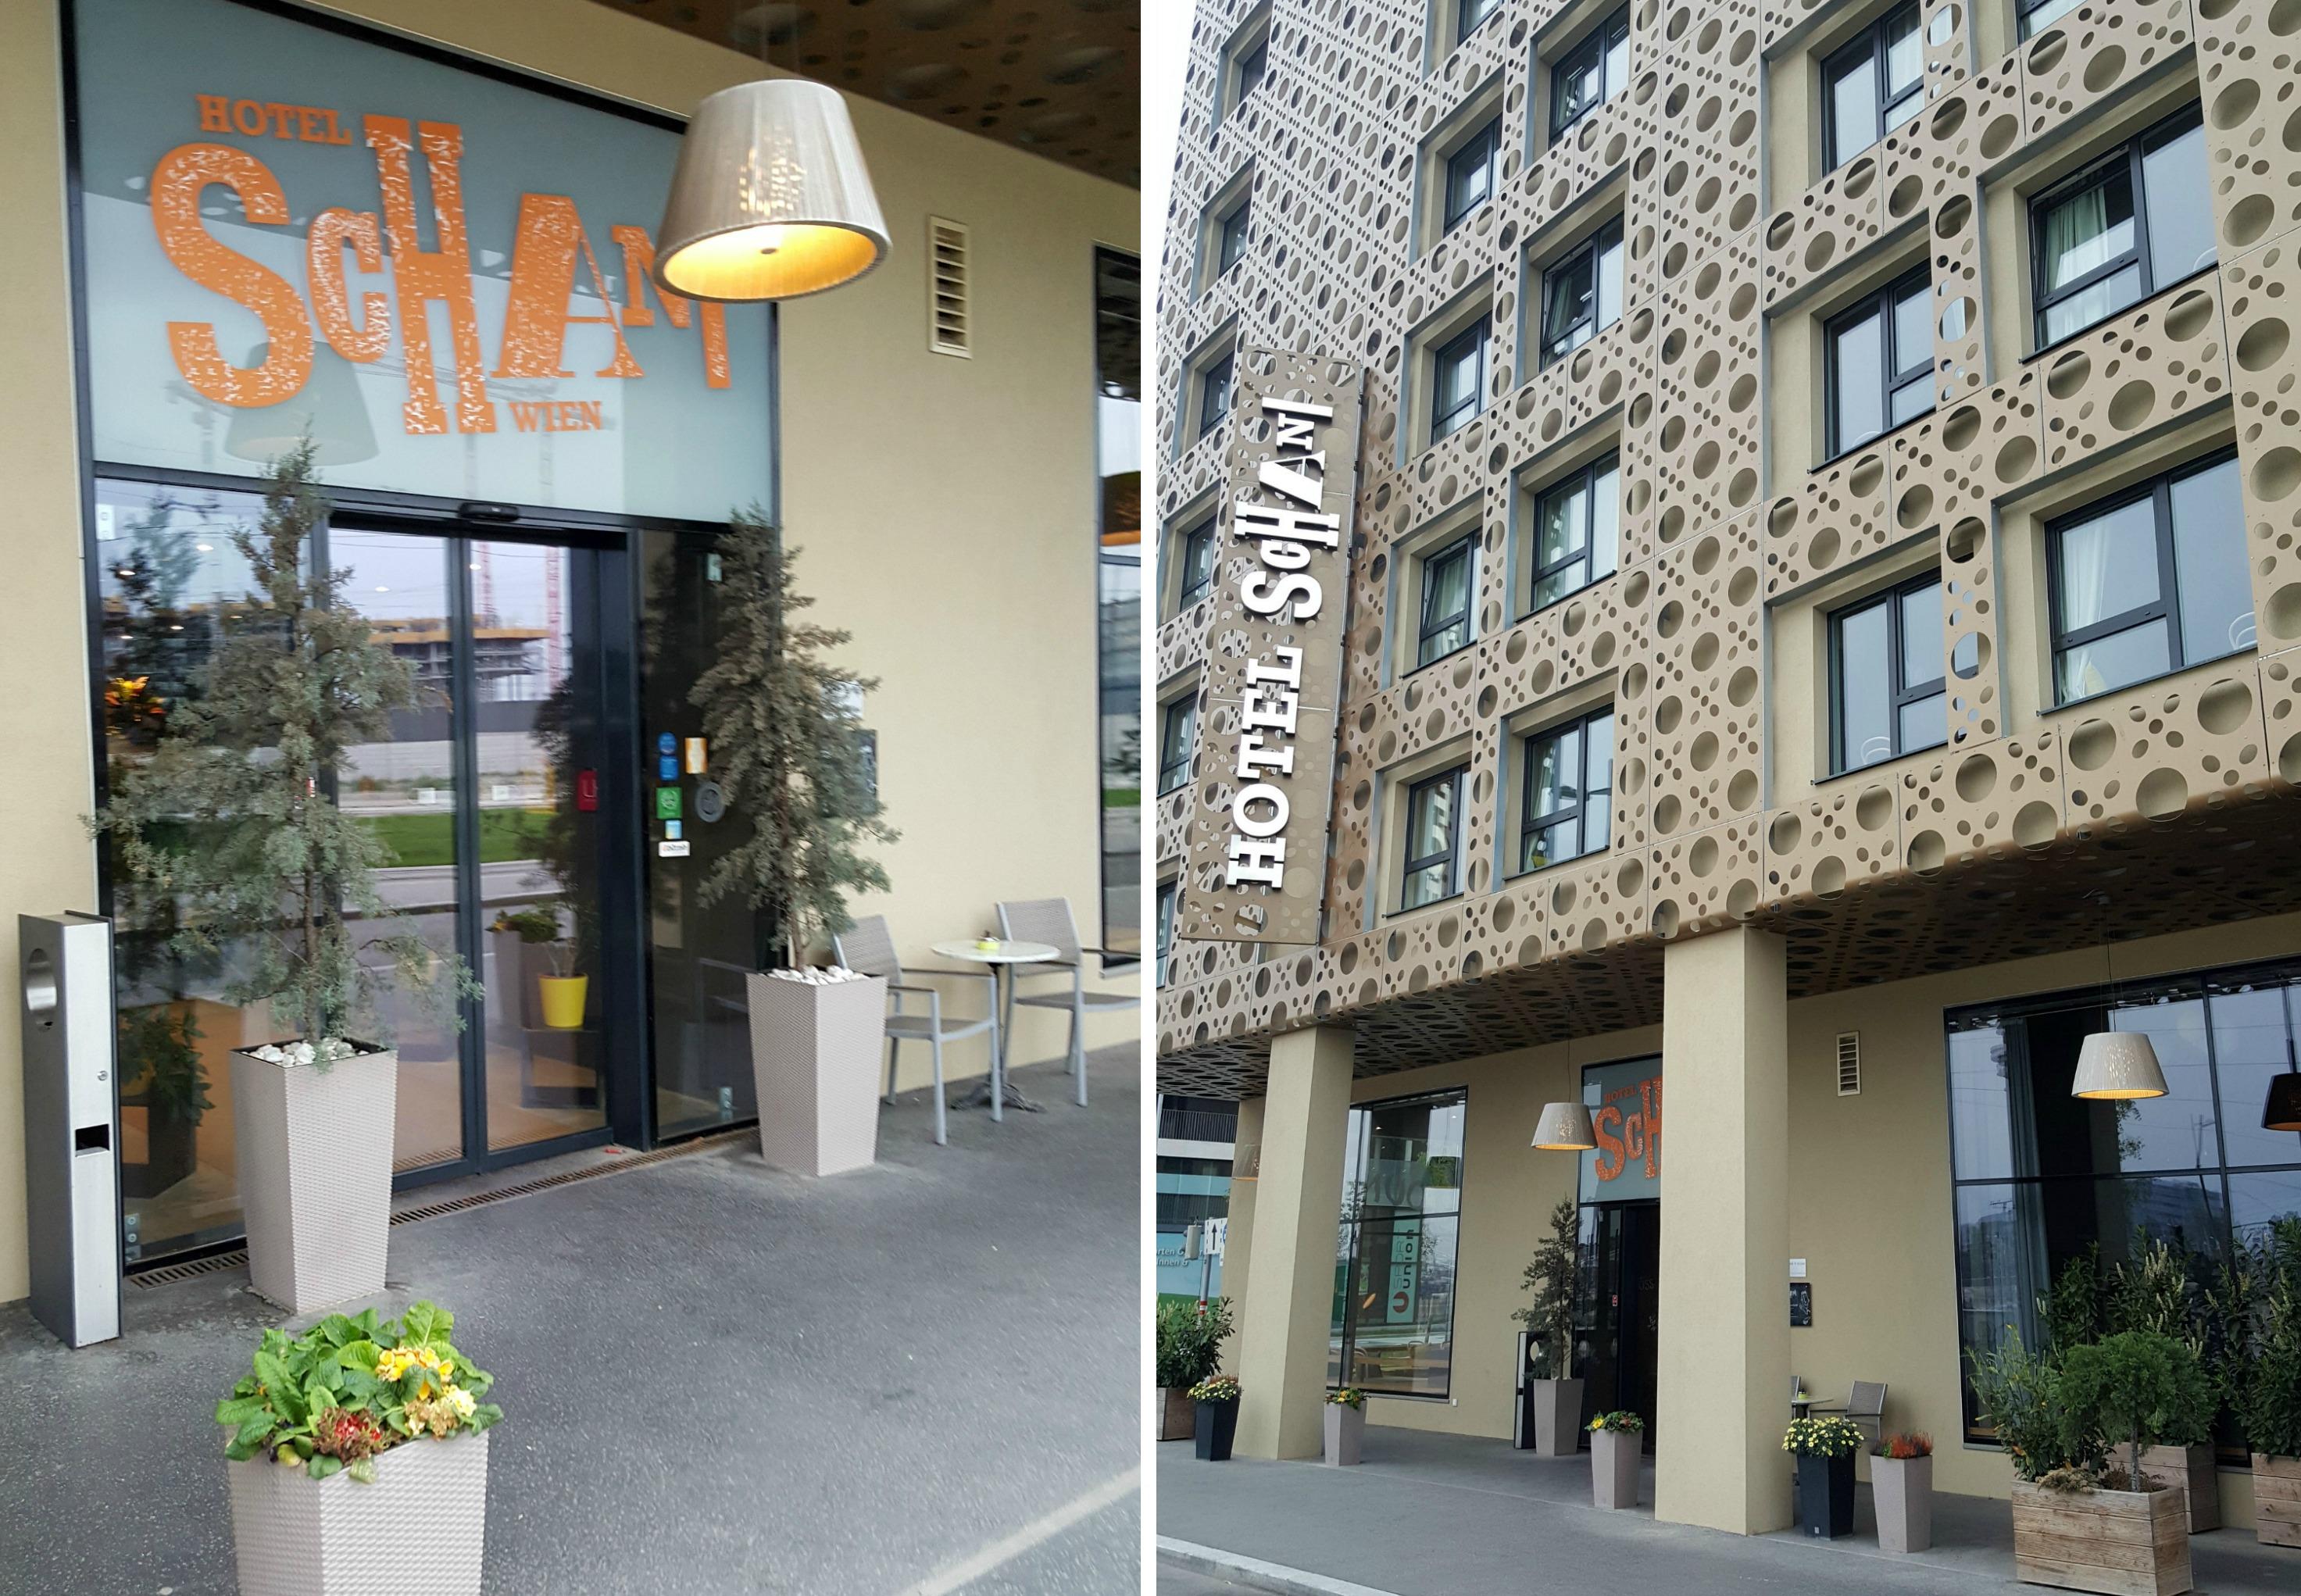 hotel-schani-wien-entrance